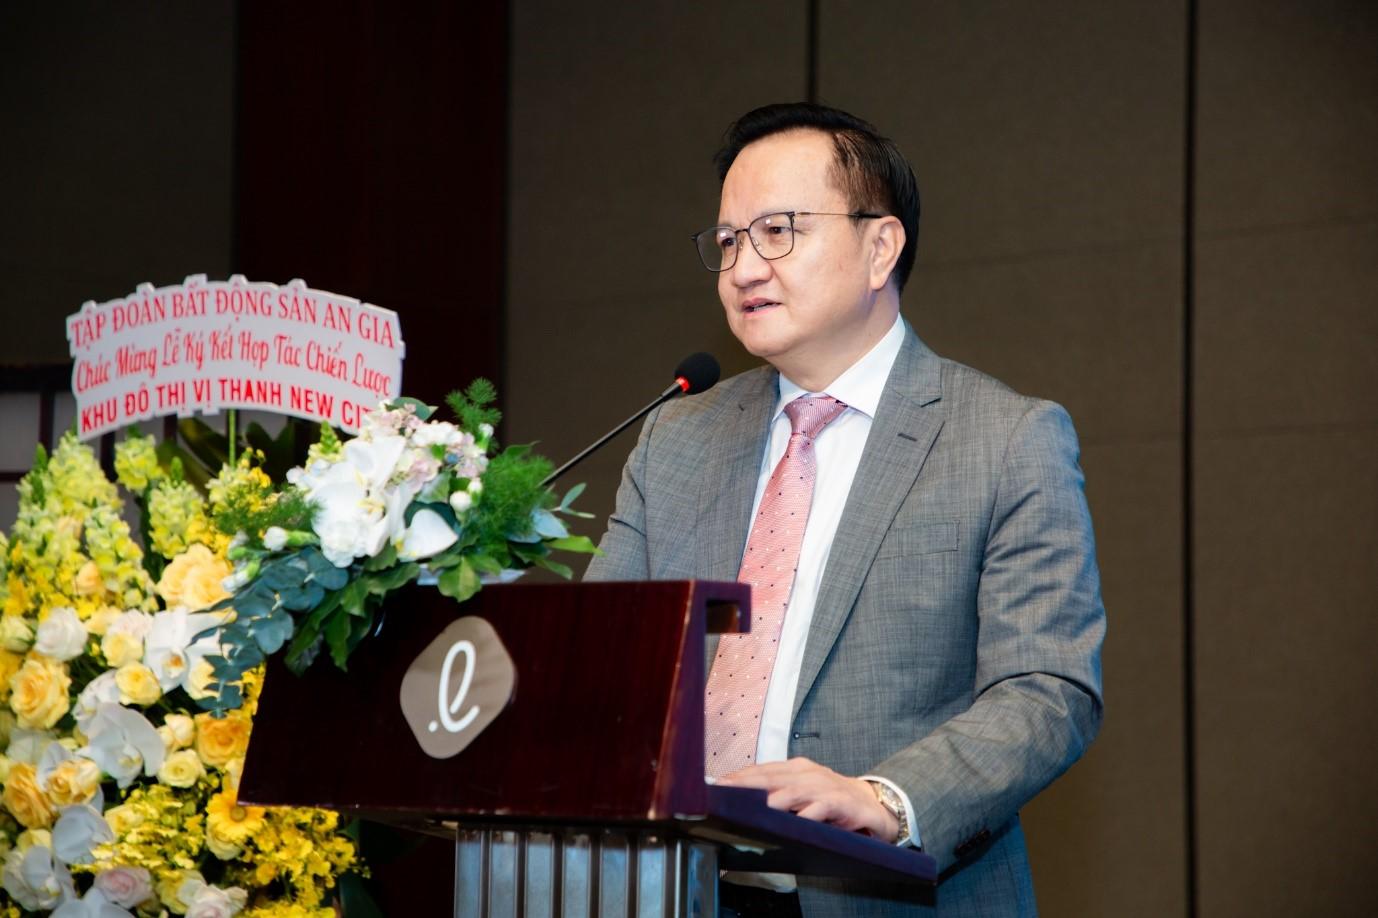 Ông Nguyễn Vĩnh Trân, Đại diện Sakura Group phát biểu tại sự kiện. Ảnh: Công ty CP Liên Minh.